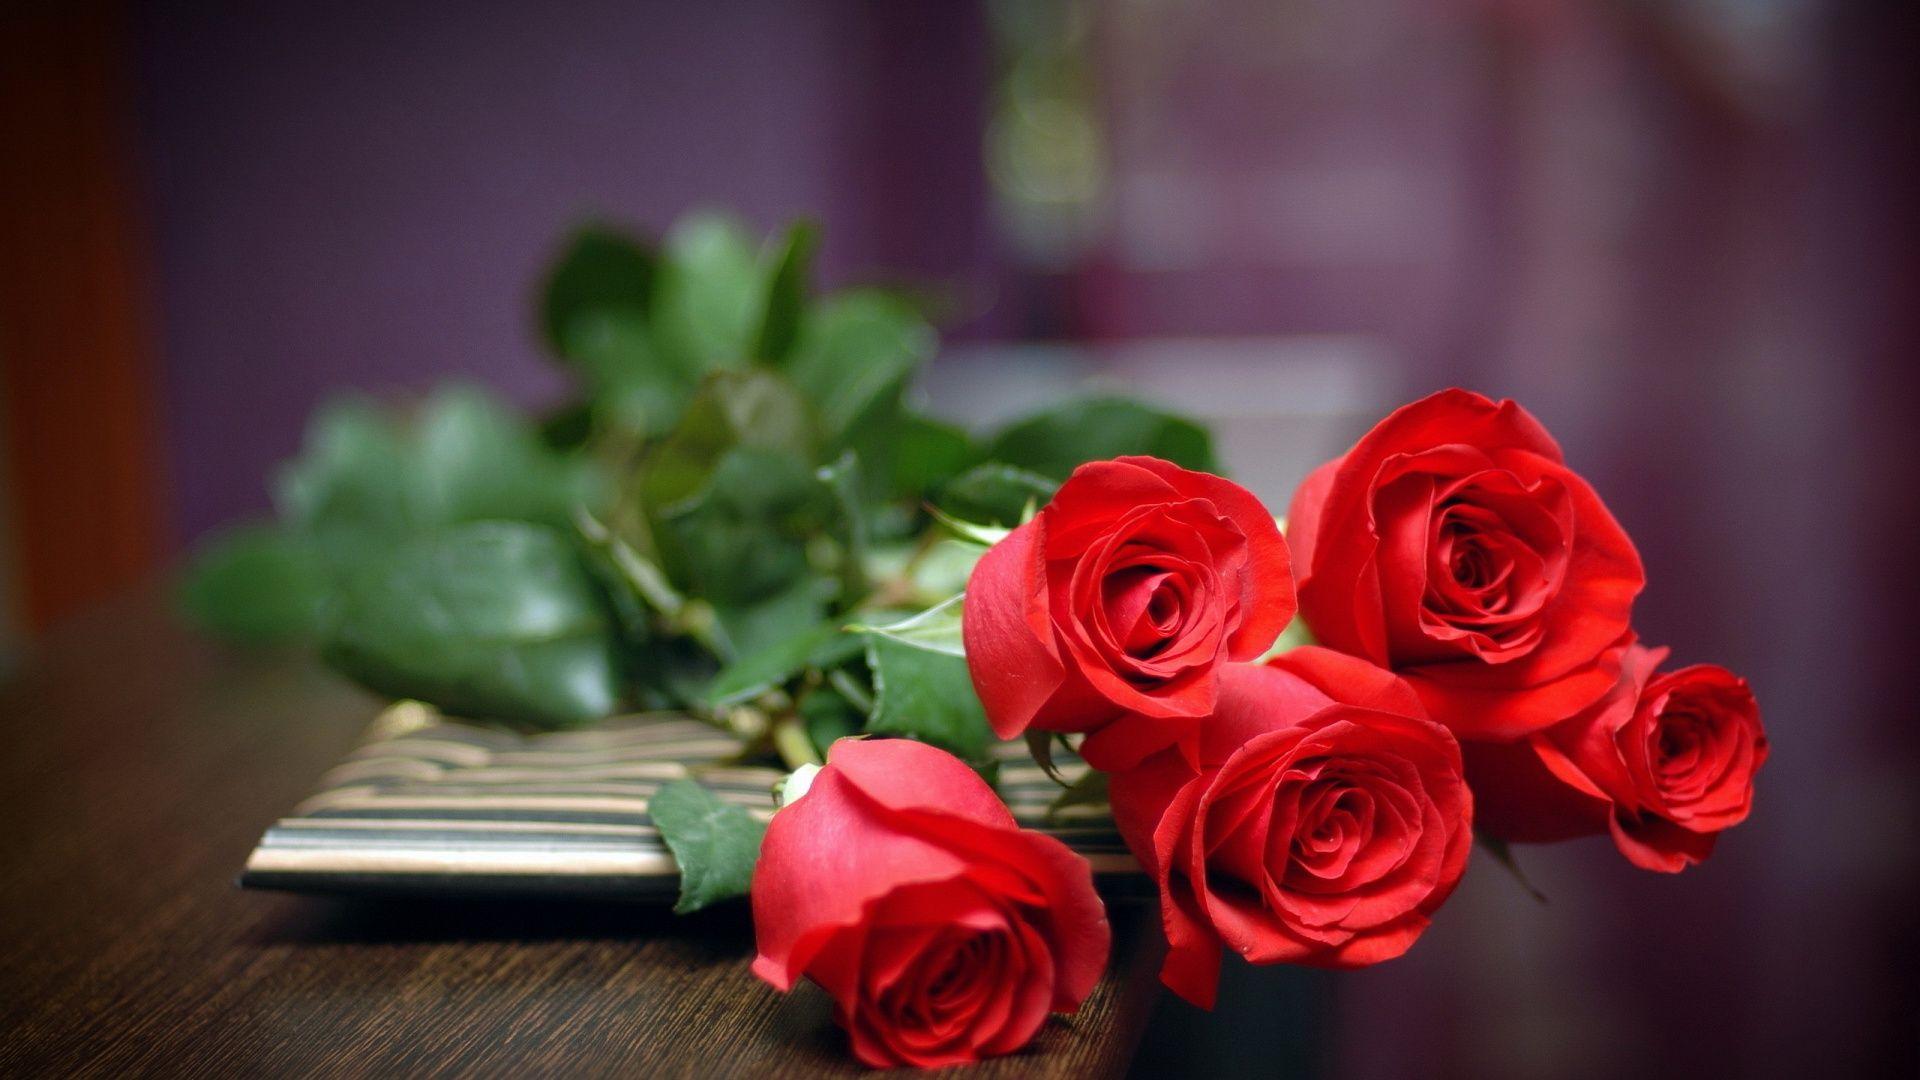 Red Rose Love Jpg 1920 1080 Rose Flower Wallpaper Rose Flower Hd Rose Flower Photos